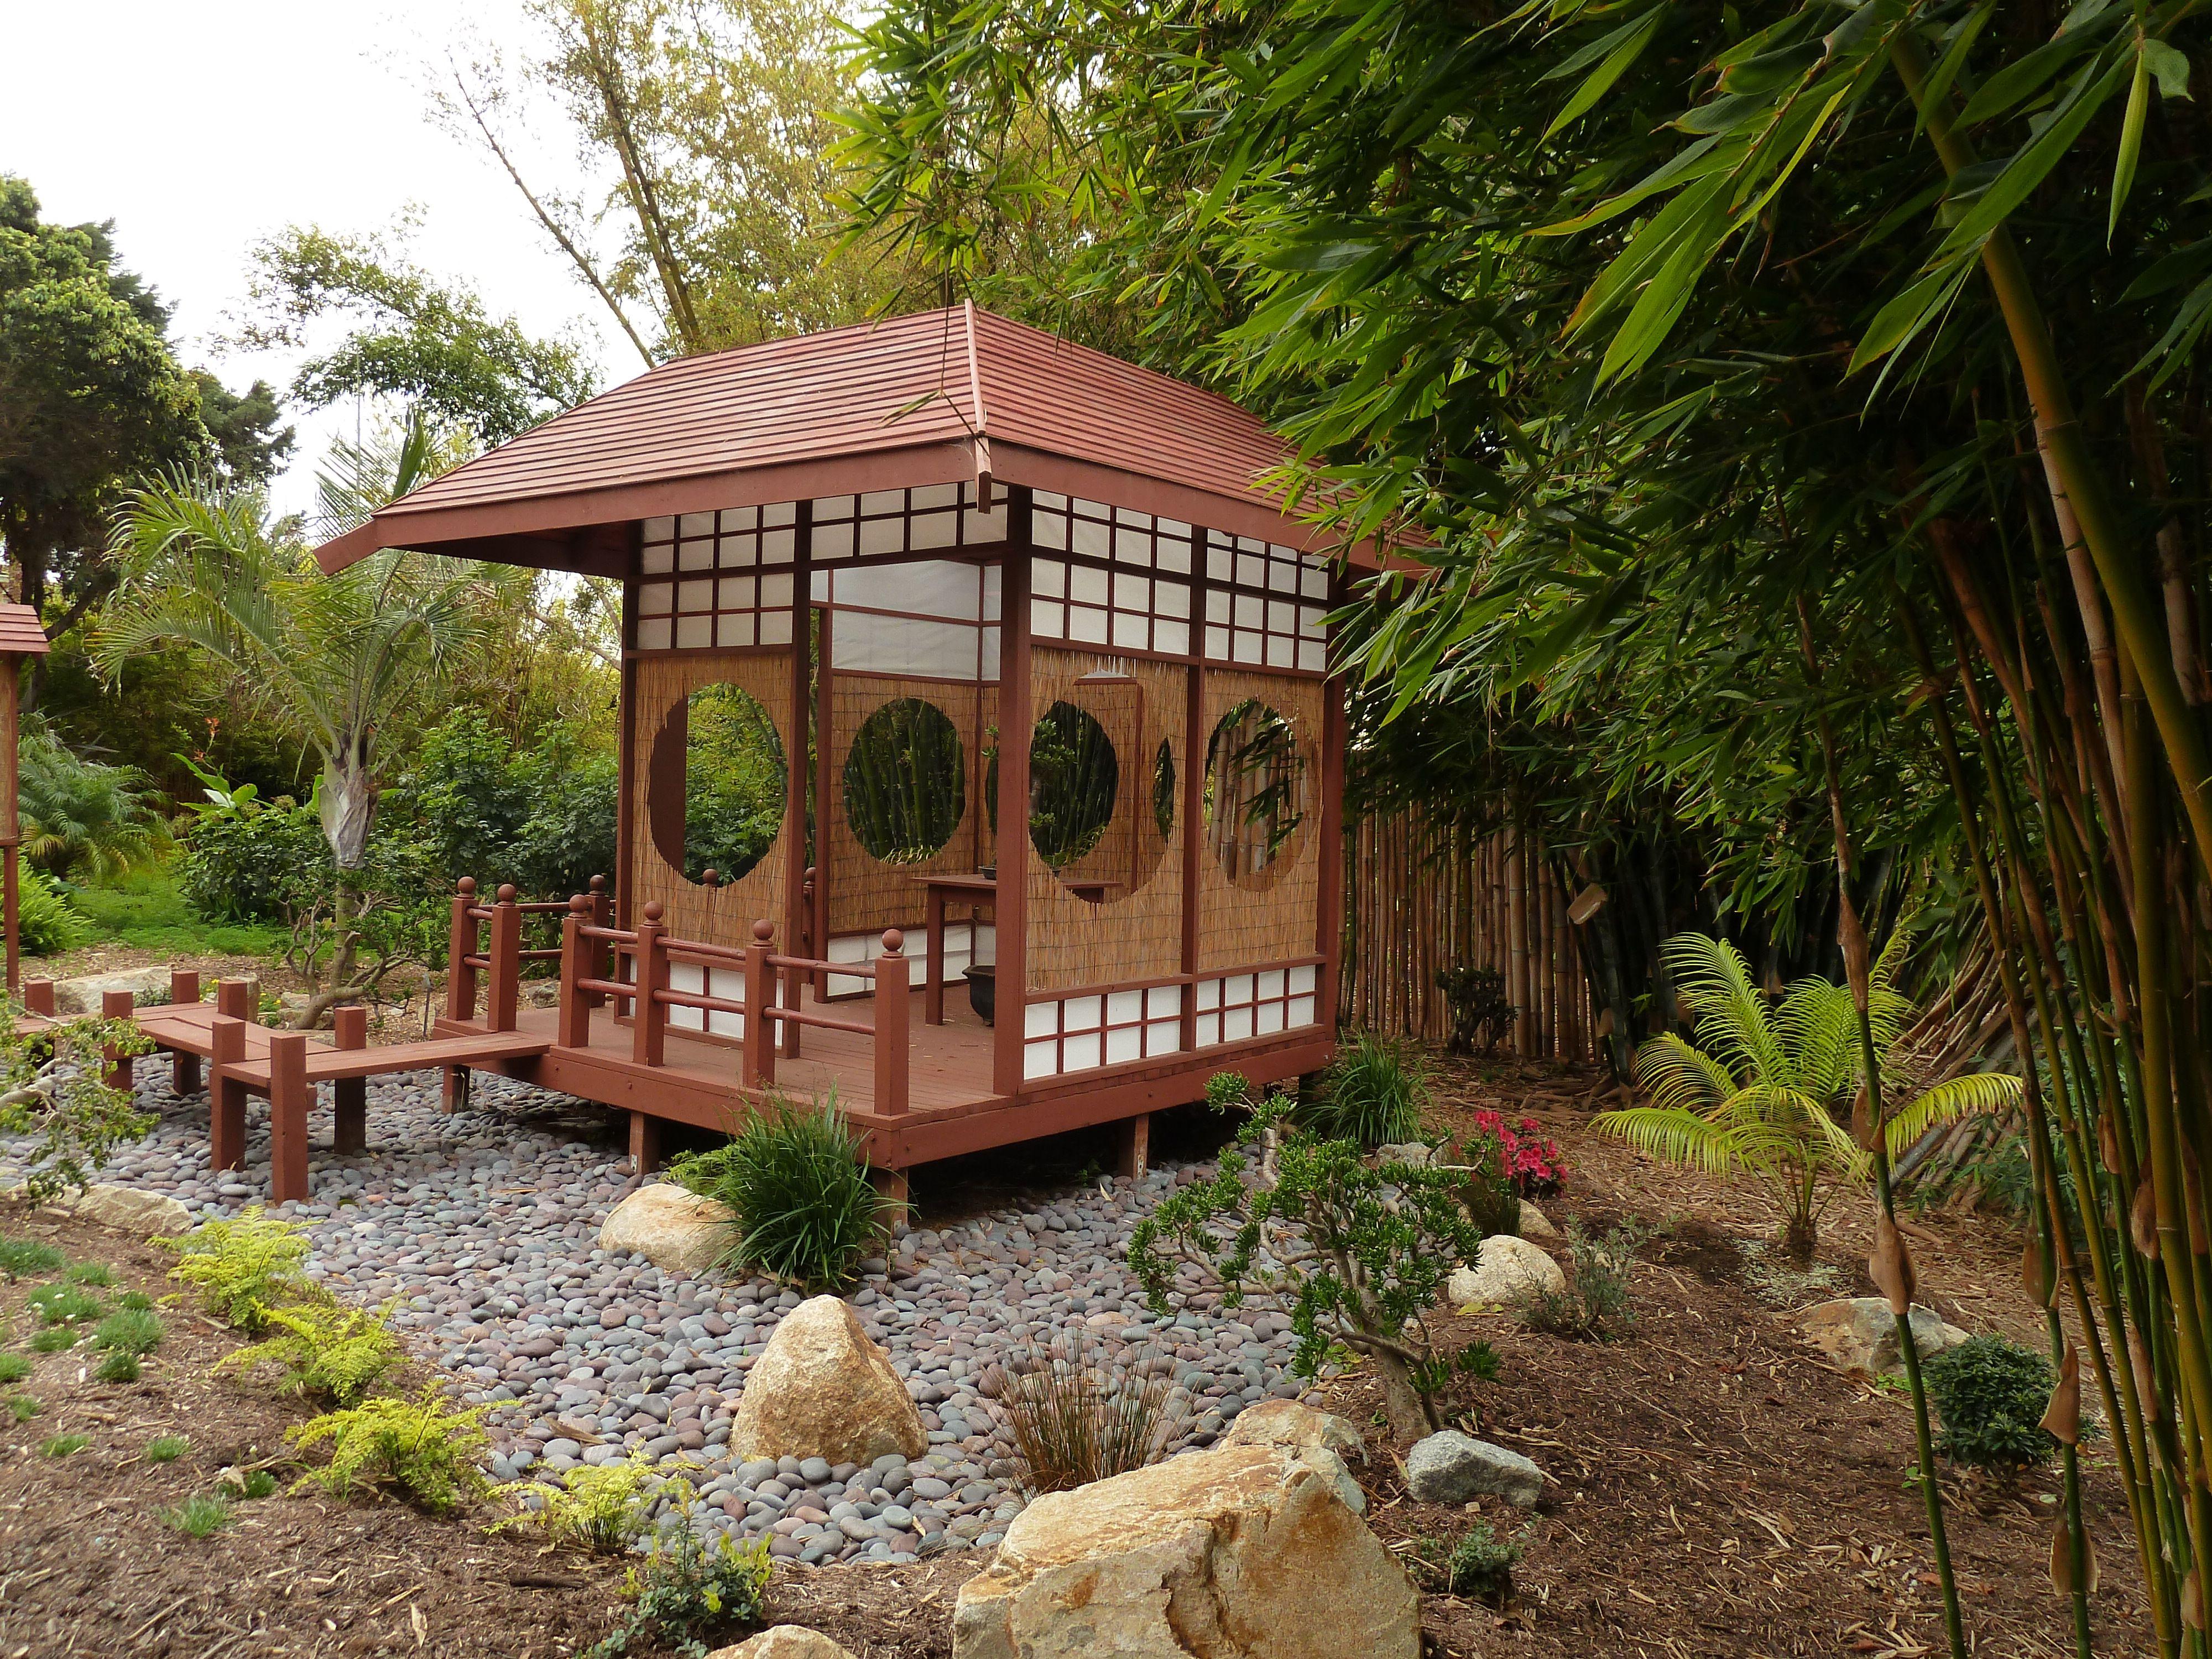 Tea House in the Bamboo Garden, San Diego Botanic Garden | Bamboo ...